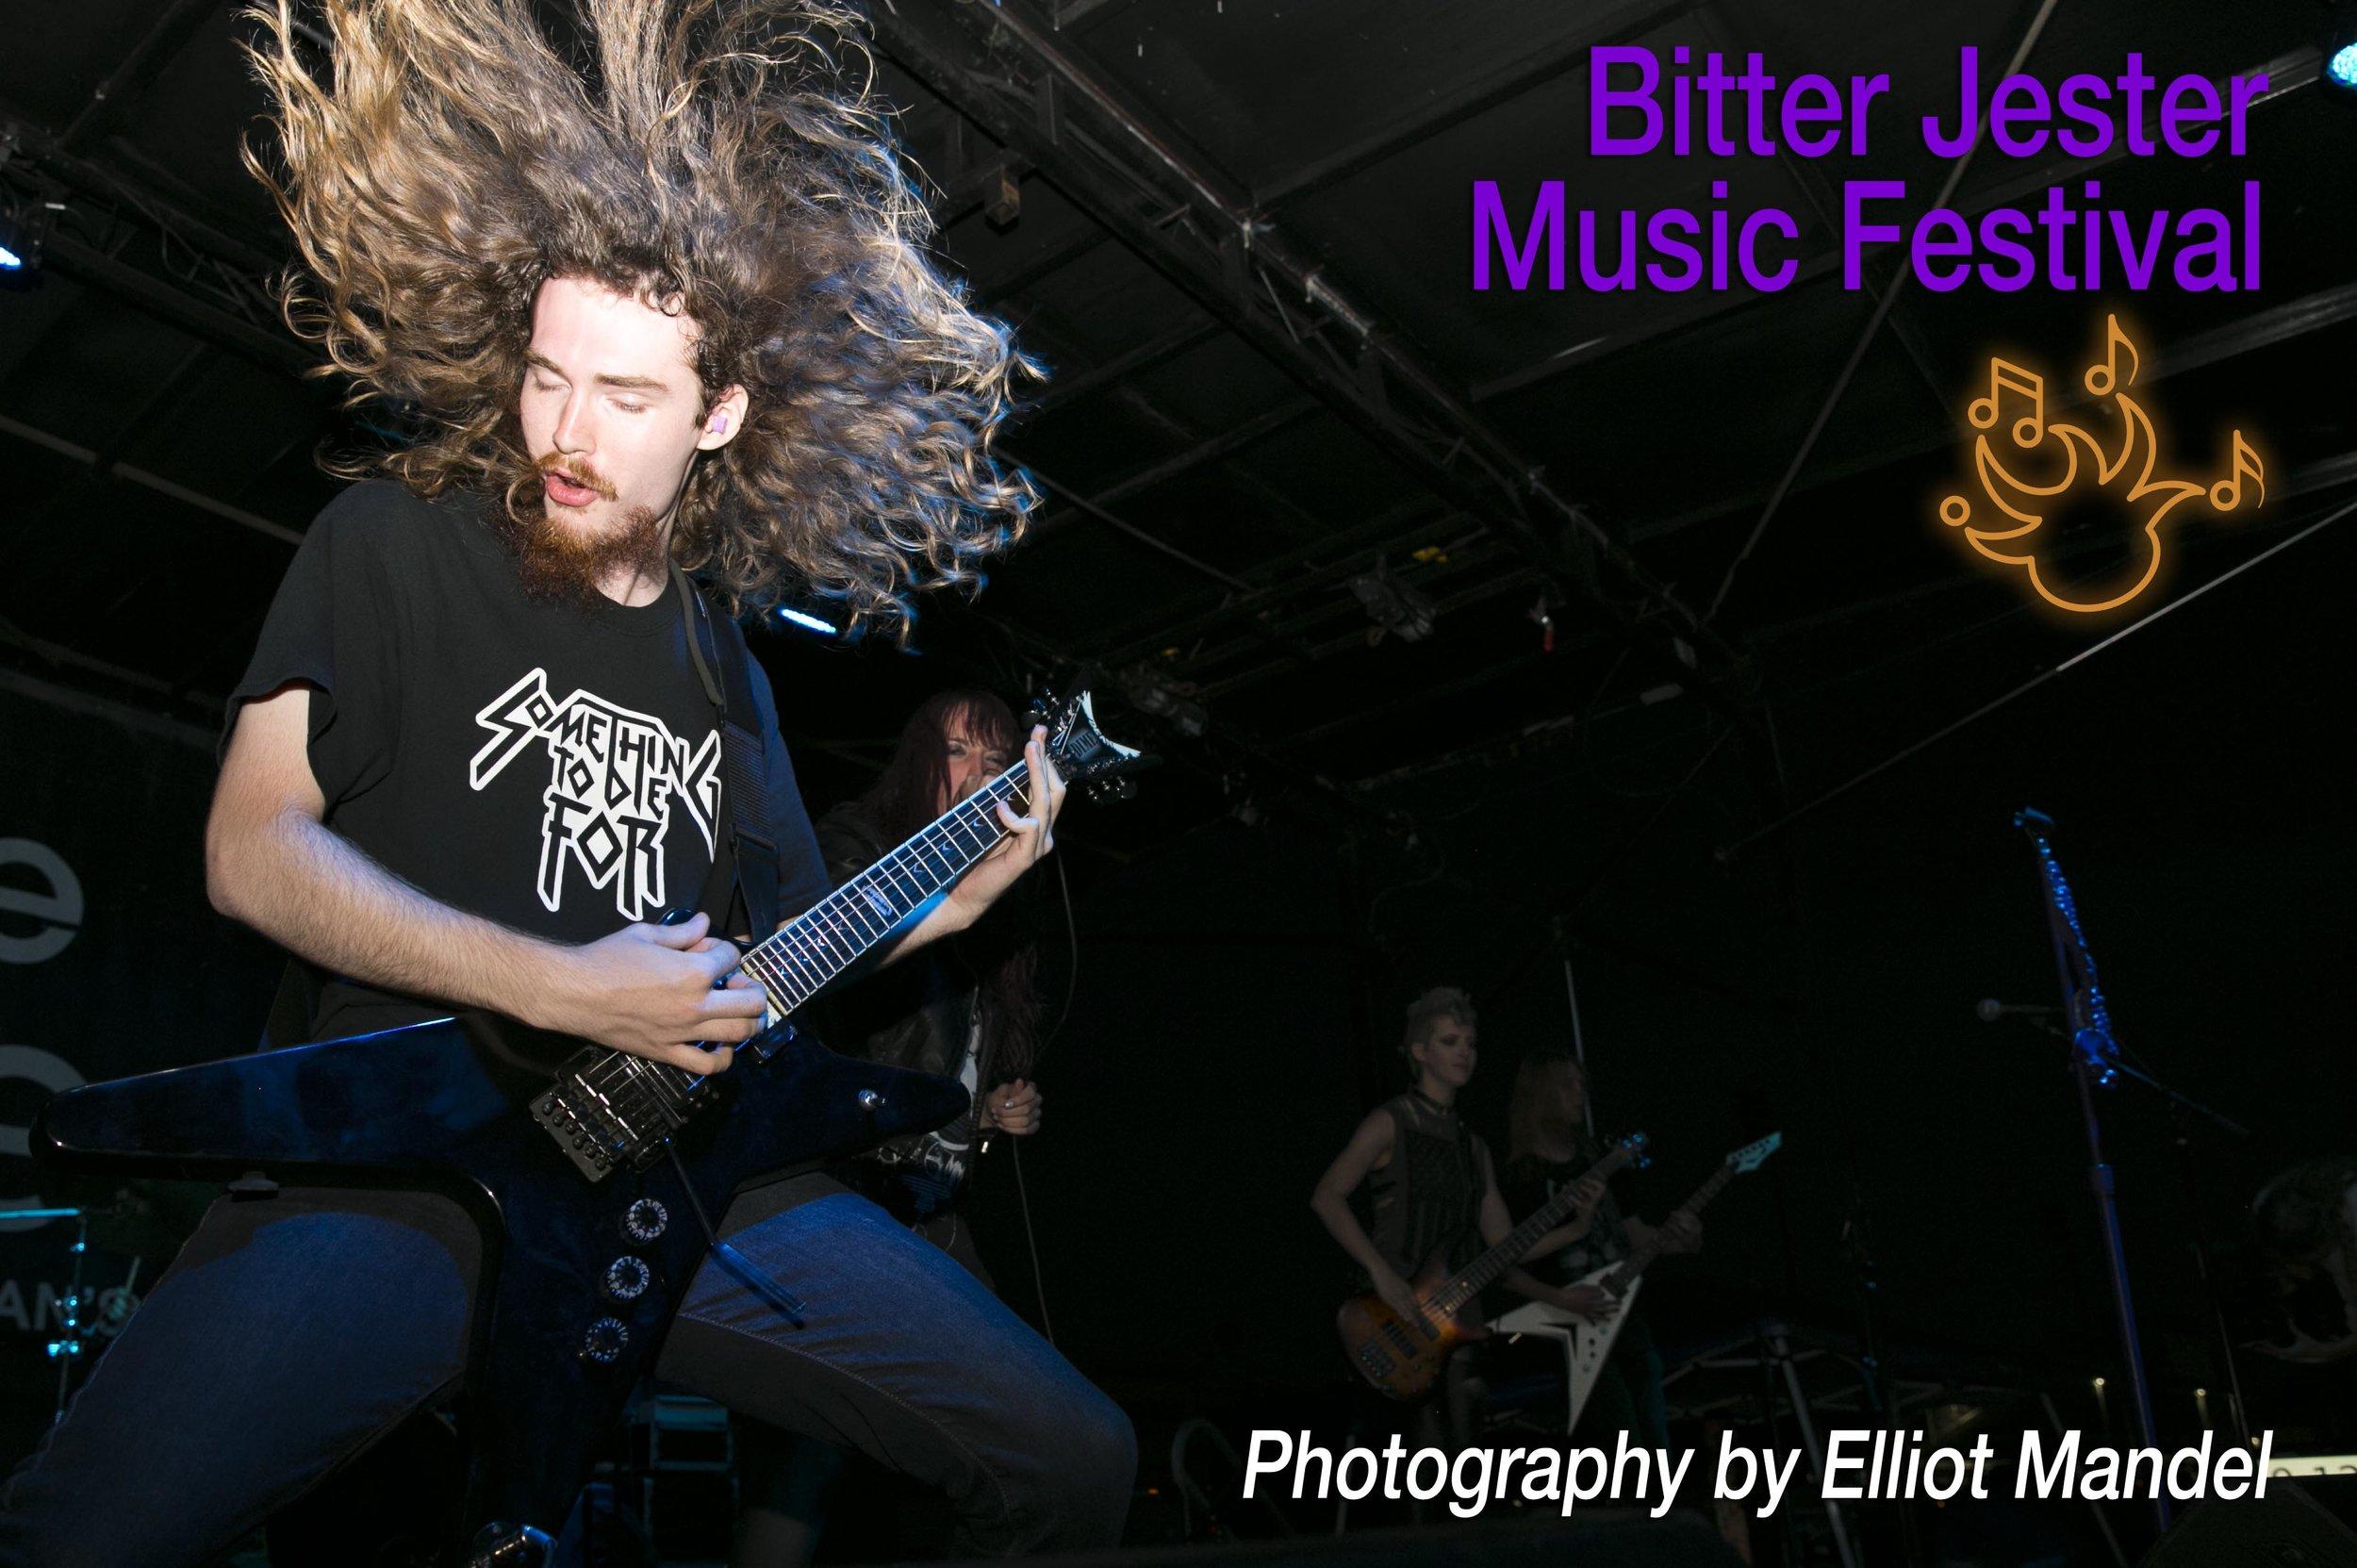 Bitter-Jester-Music-Fest_ElliotMandel-321.jpg